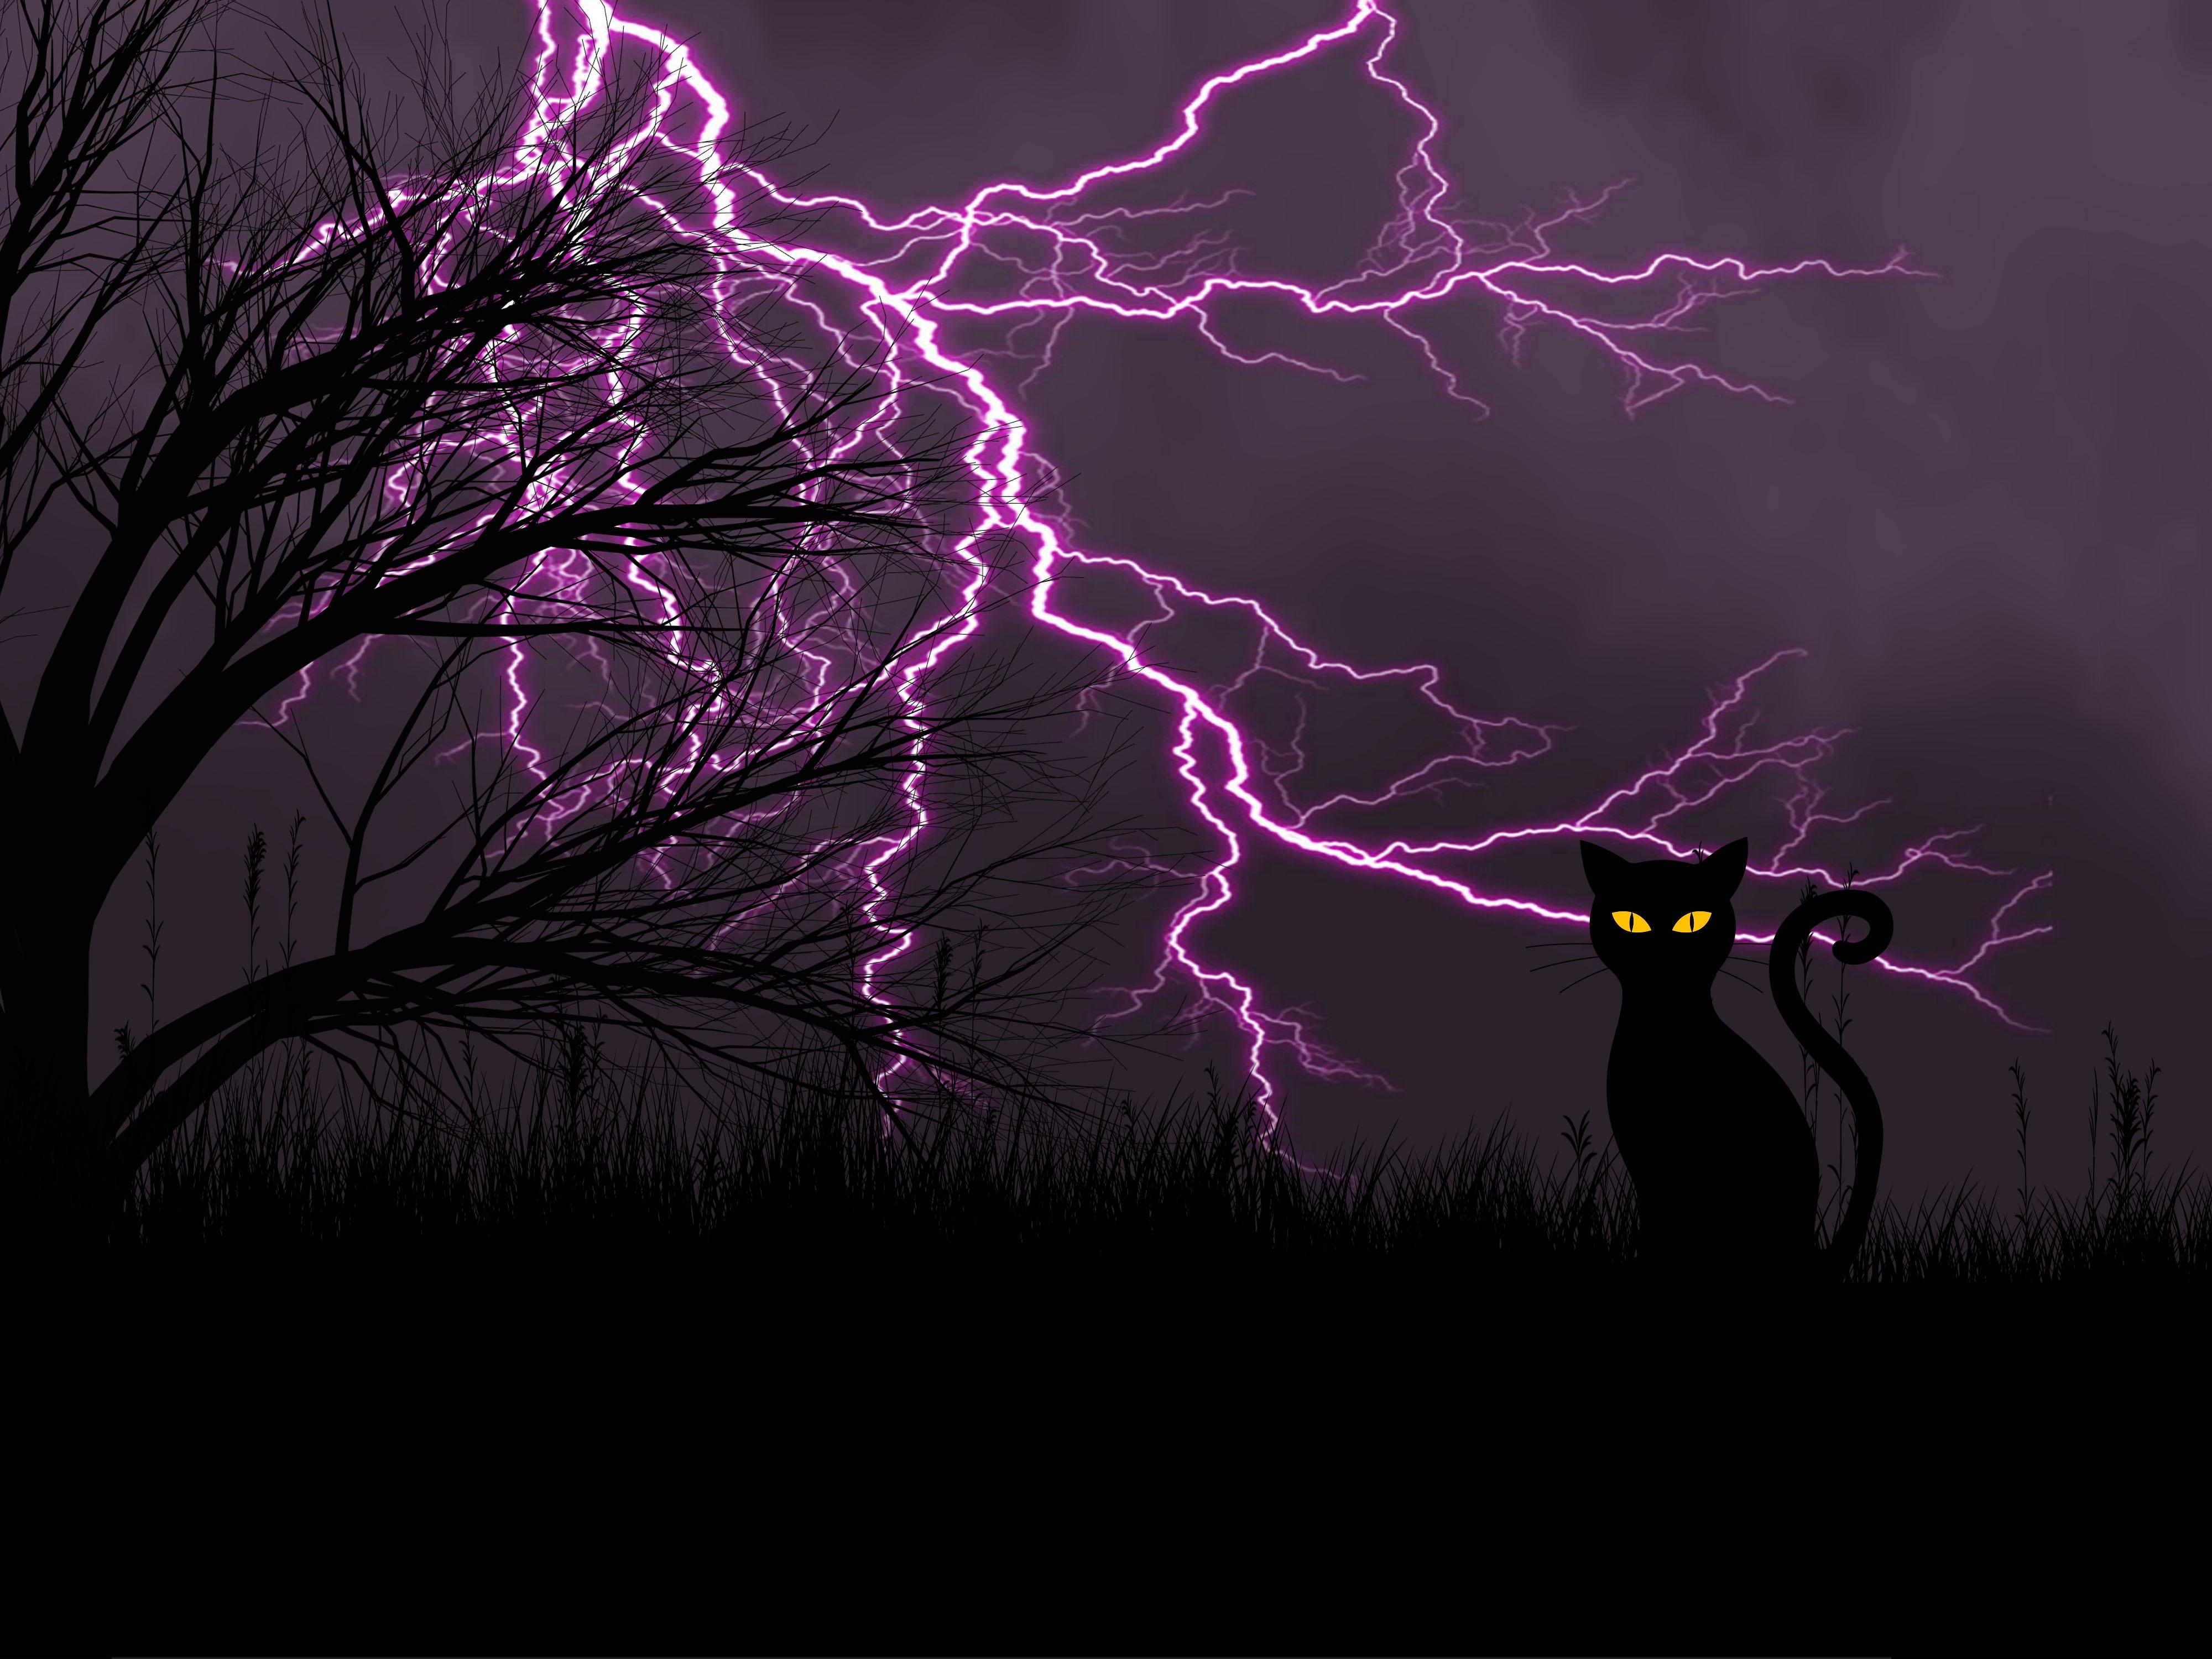 51209 скачать обои Молния, Черный Кот, Трава, Арт, Ночь - заставки и картинки бесплатно